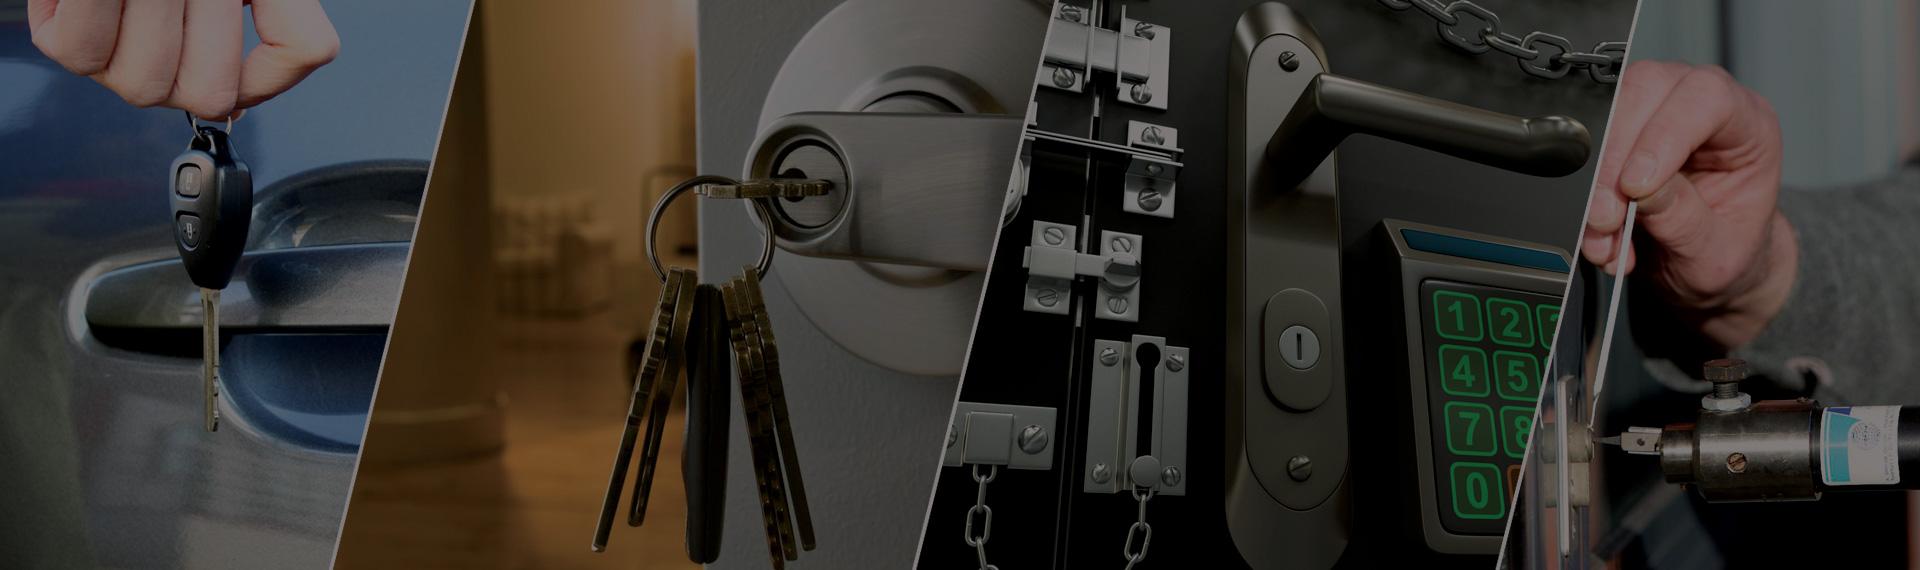 A 24 Hours Emergency Locksmith Harrison NY